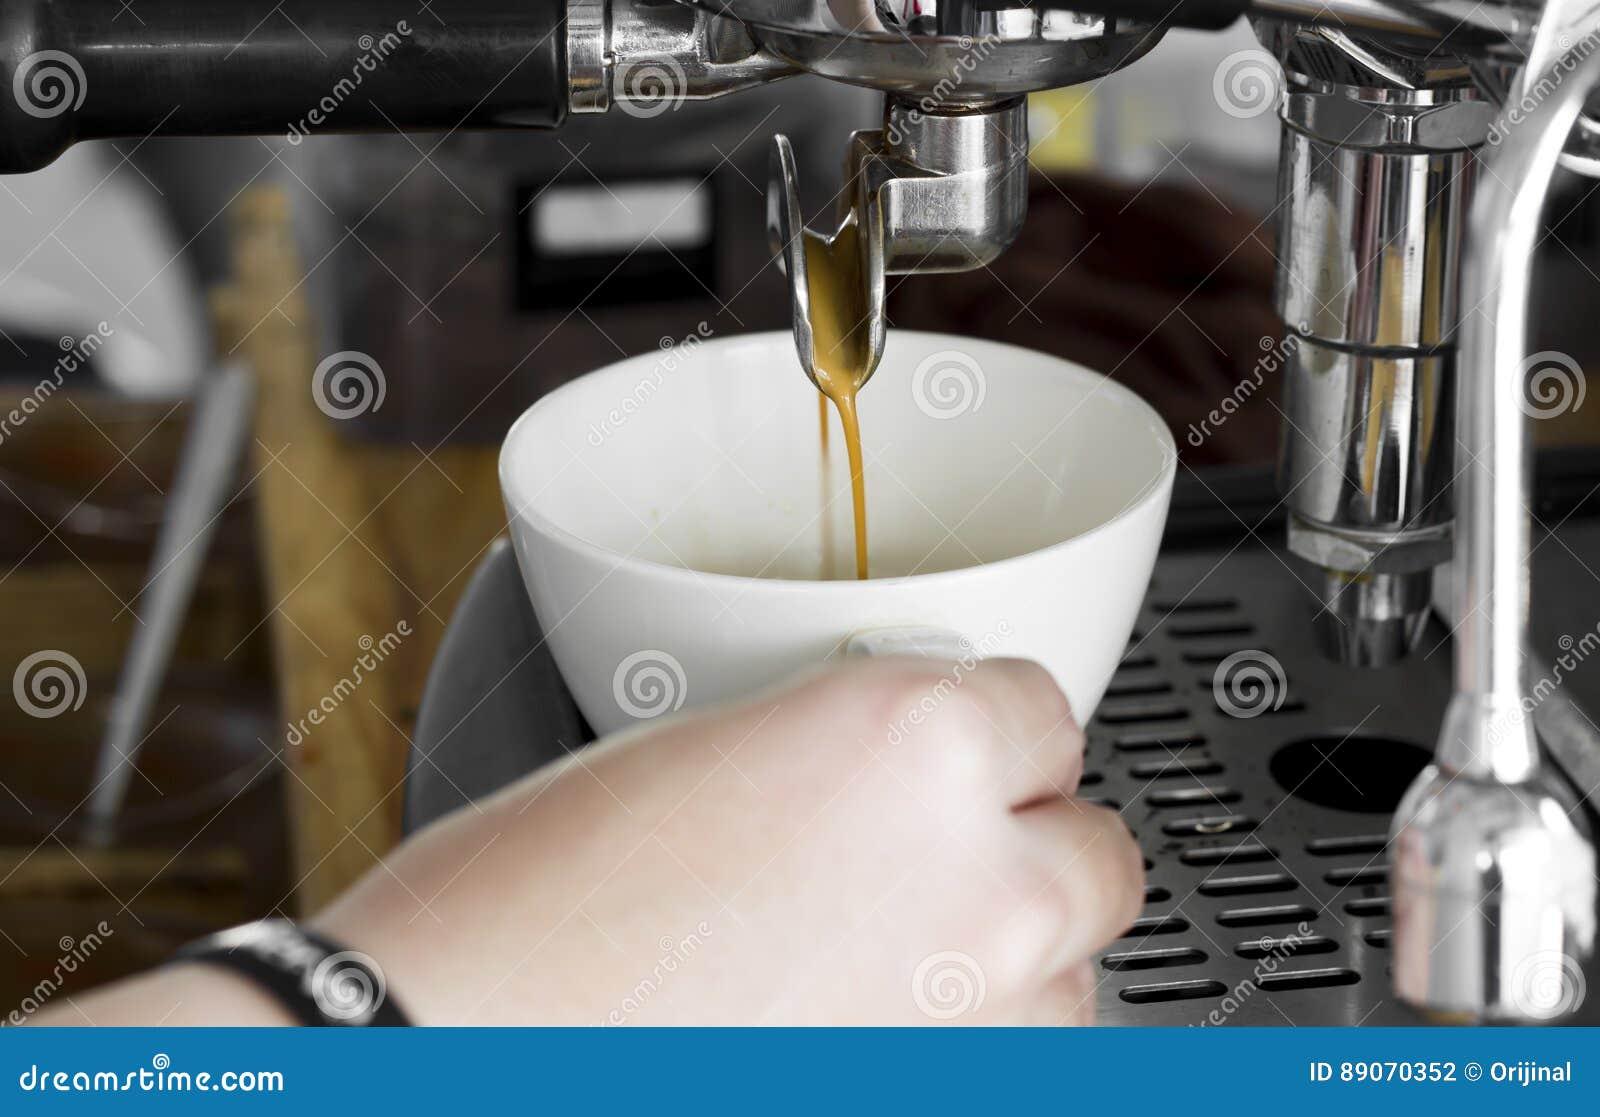 Professional coffee machine making espresso in a cafe, close-up